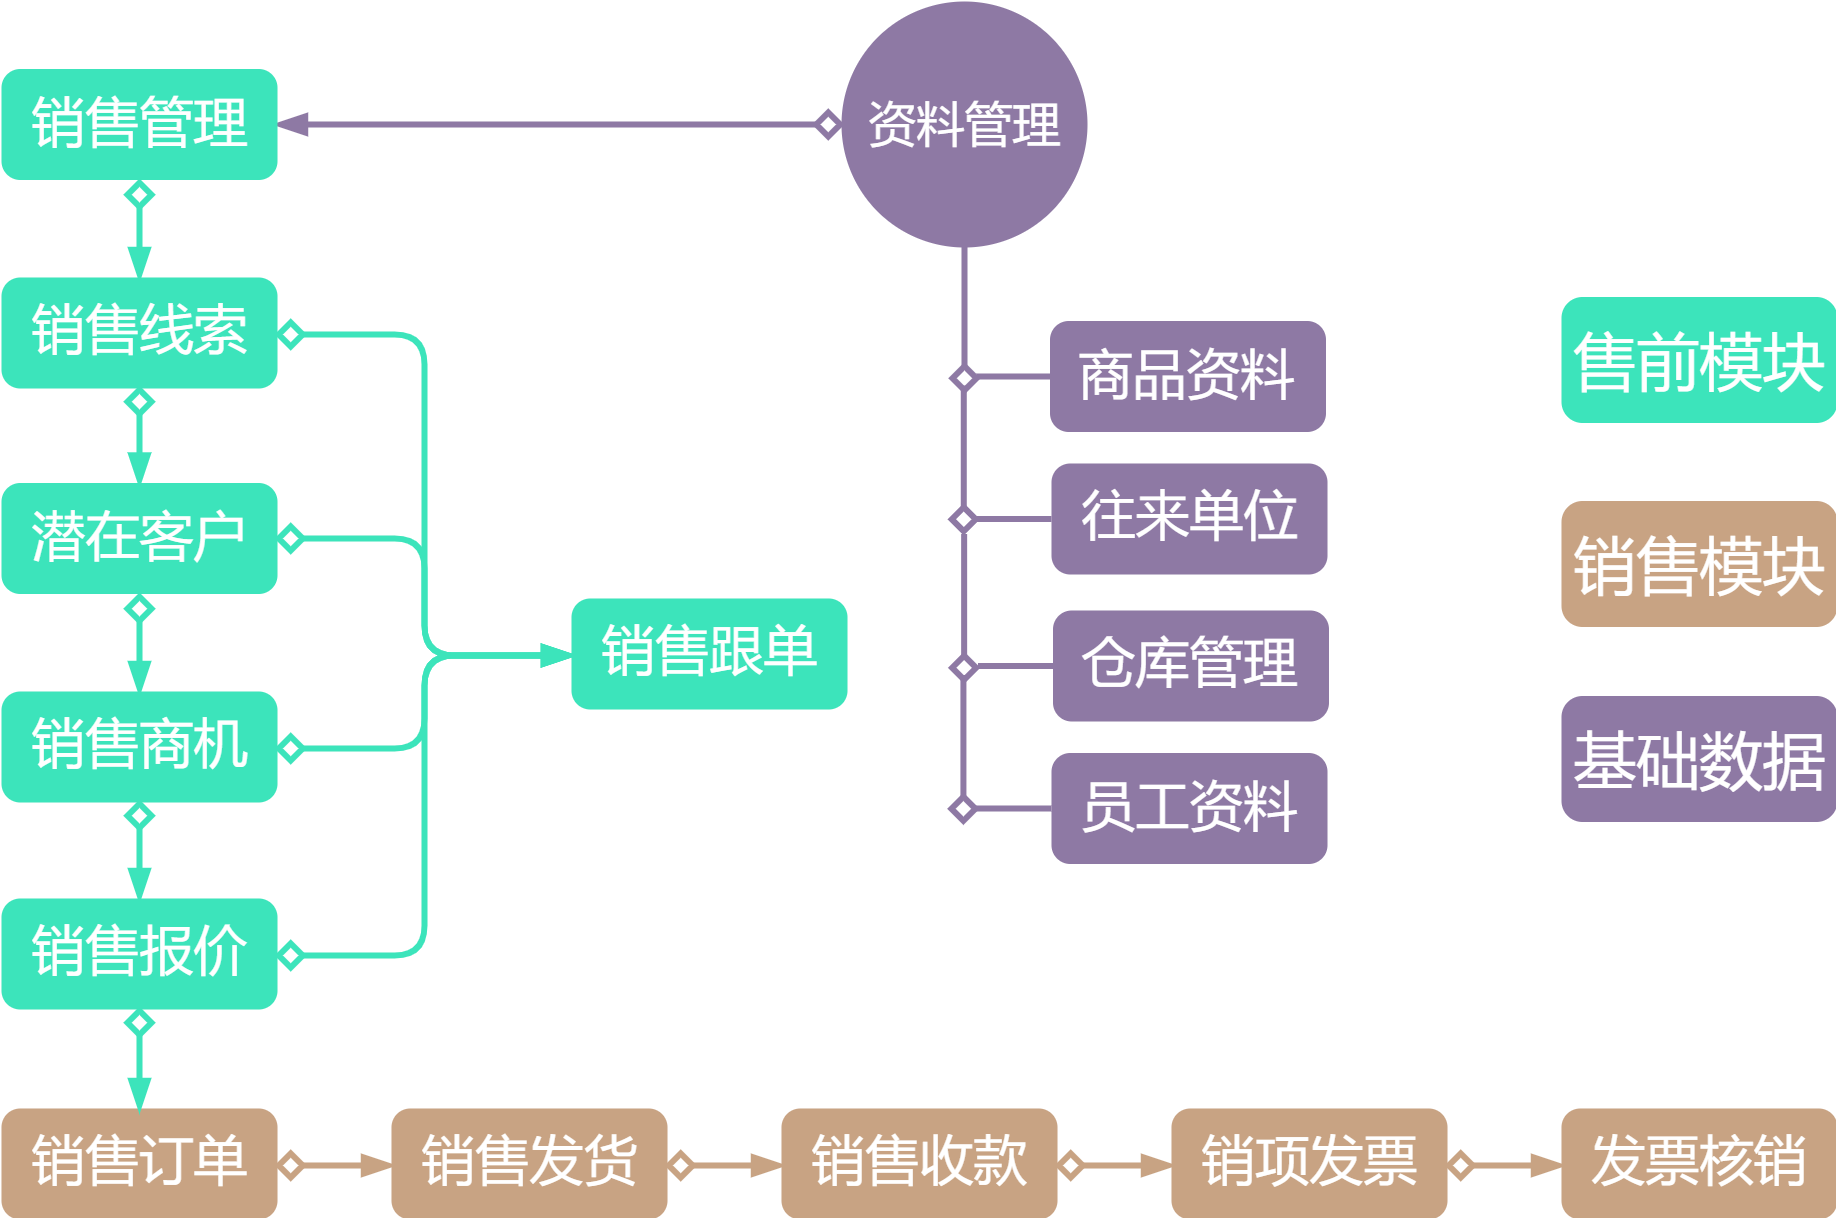 客户关系管理流程图.png